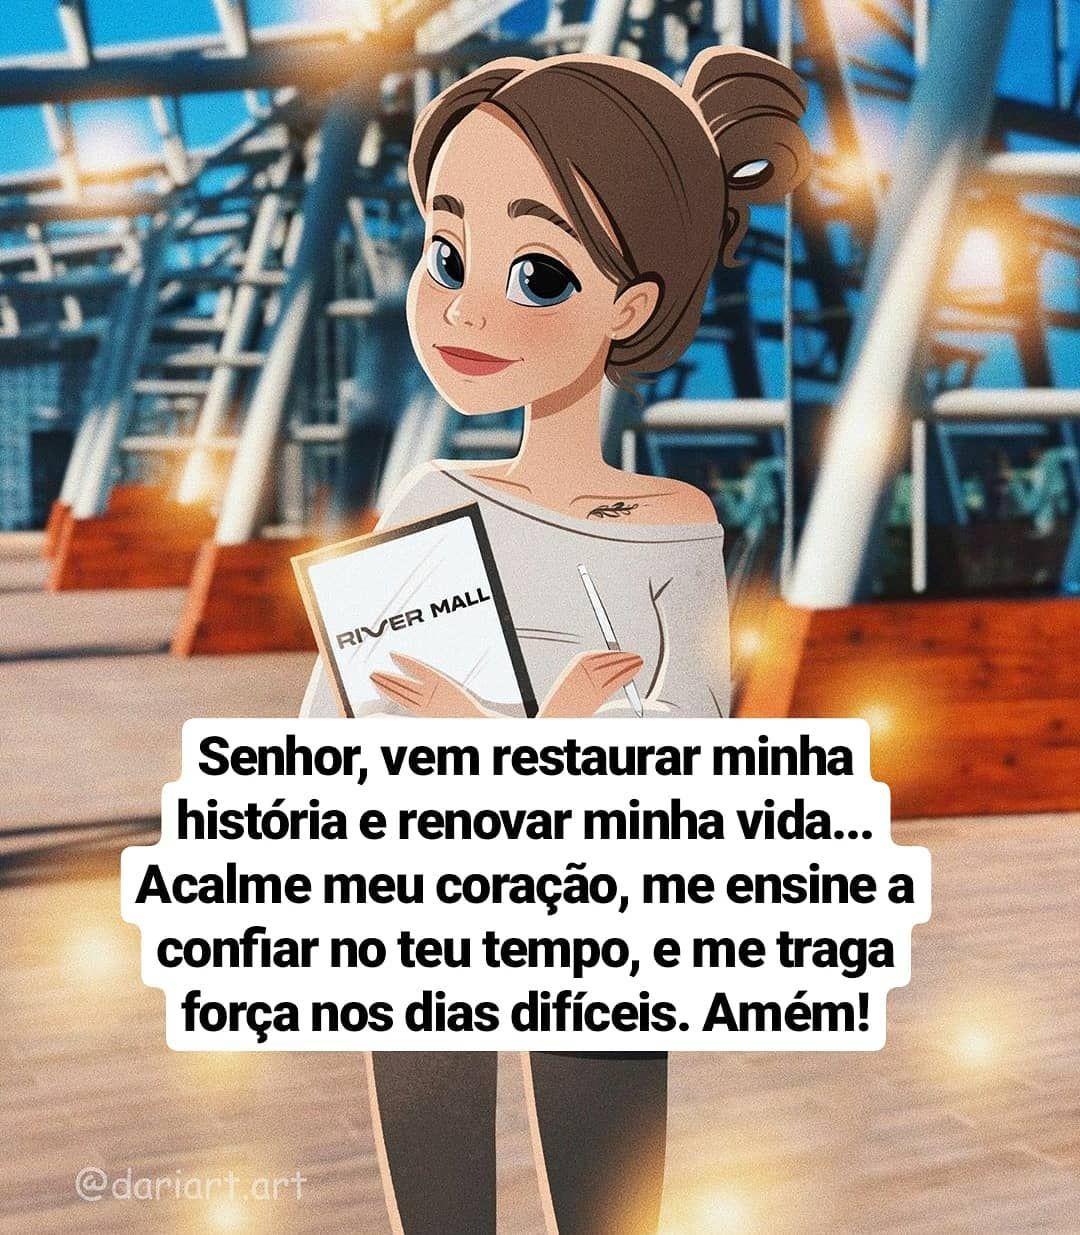 A Imagem Pode Conter Texto Que Diz River Mall Senhor Vem